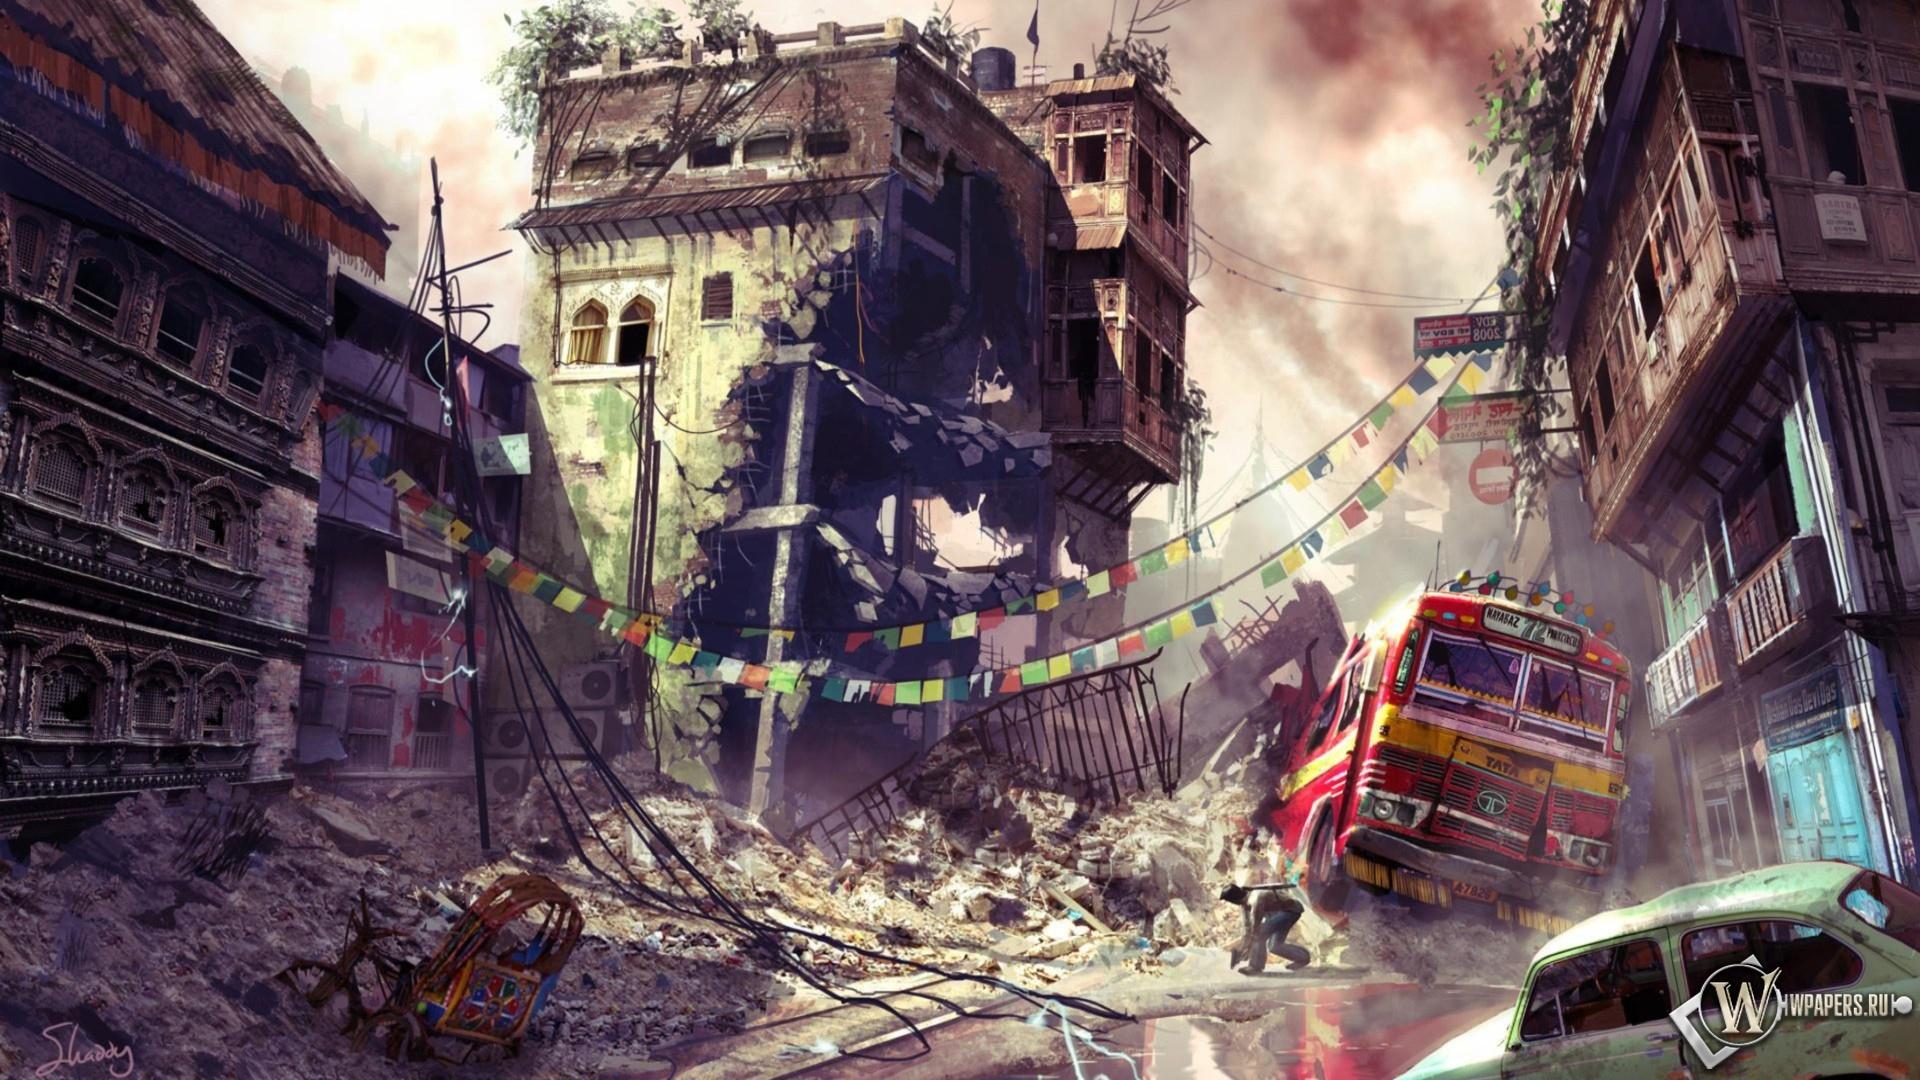 разрушеный город 1920x1080